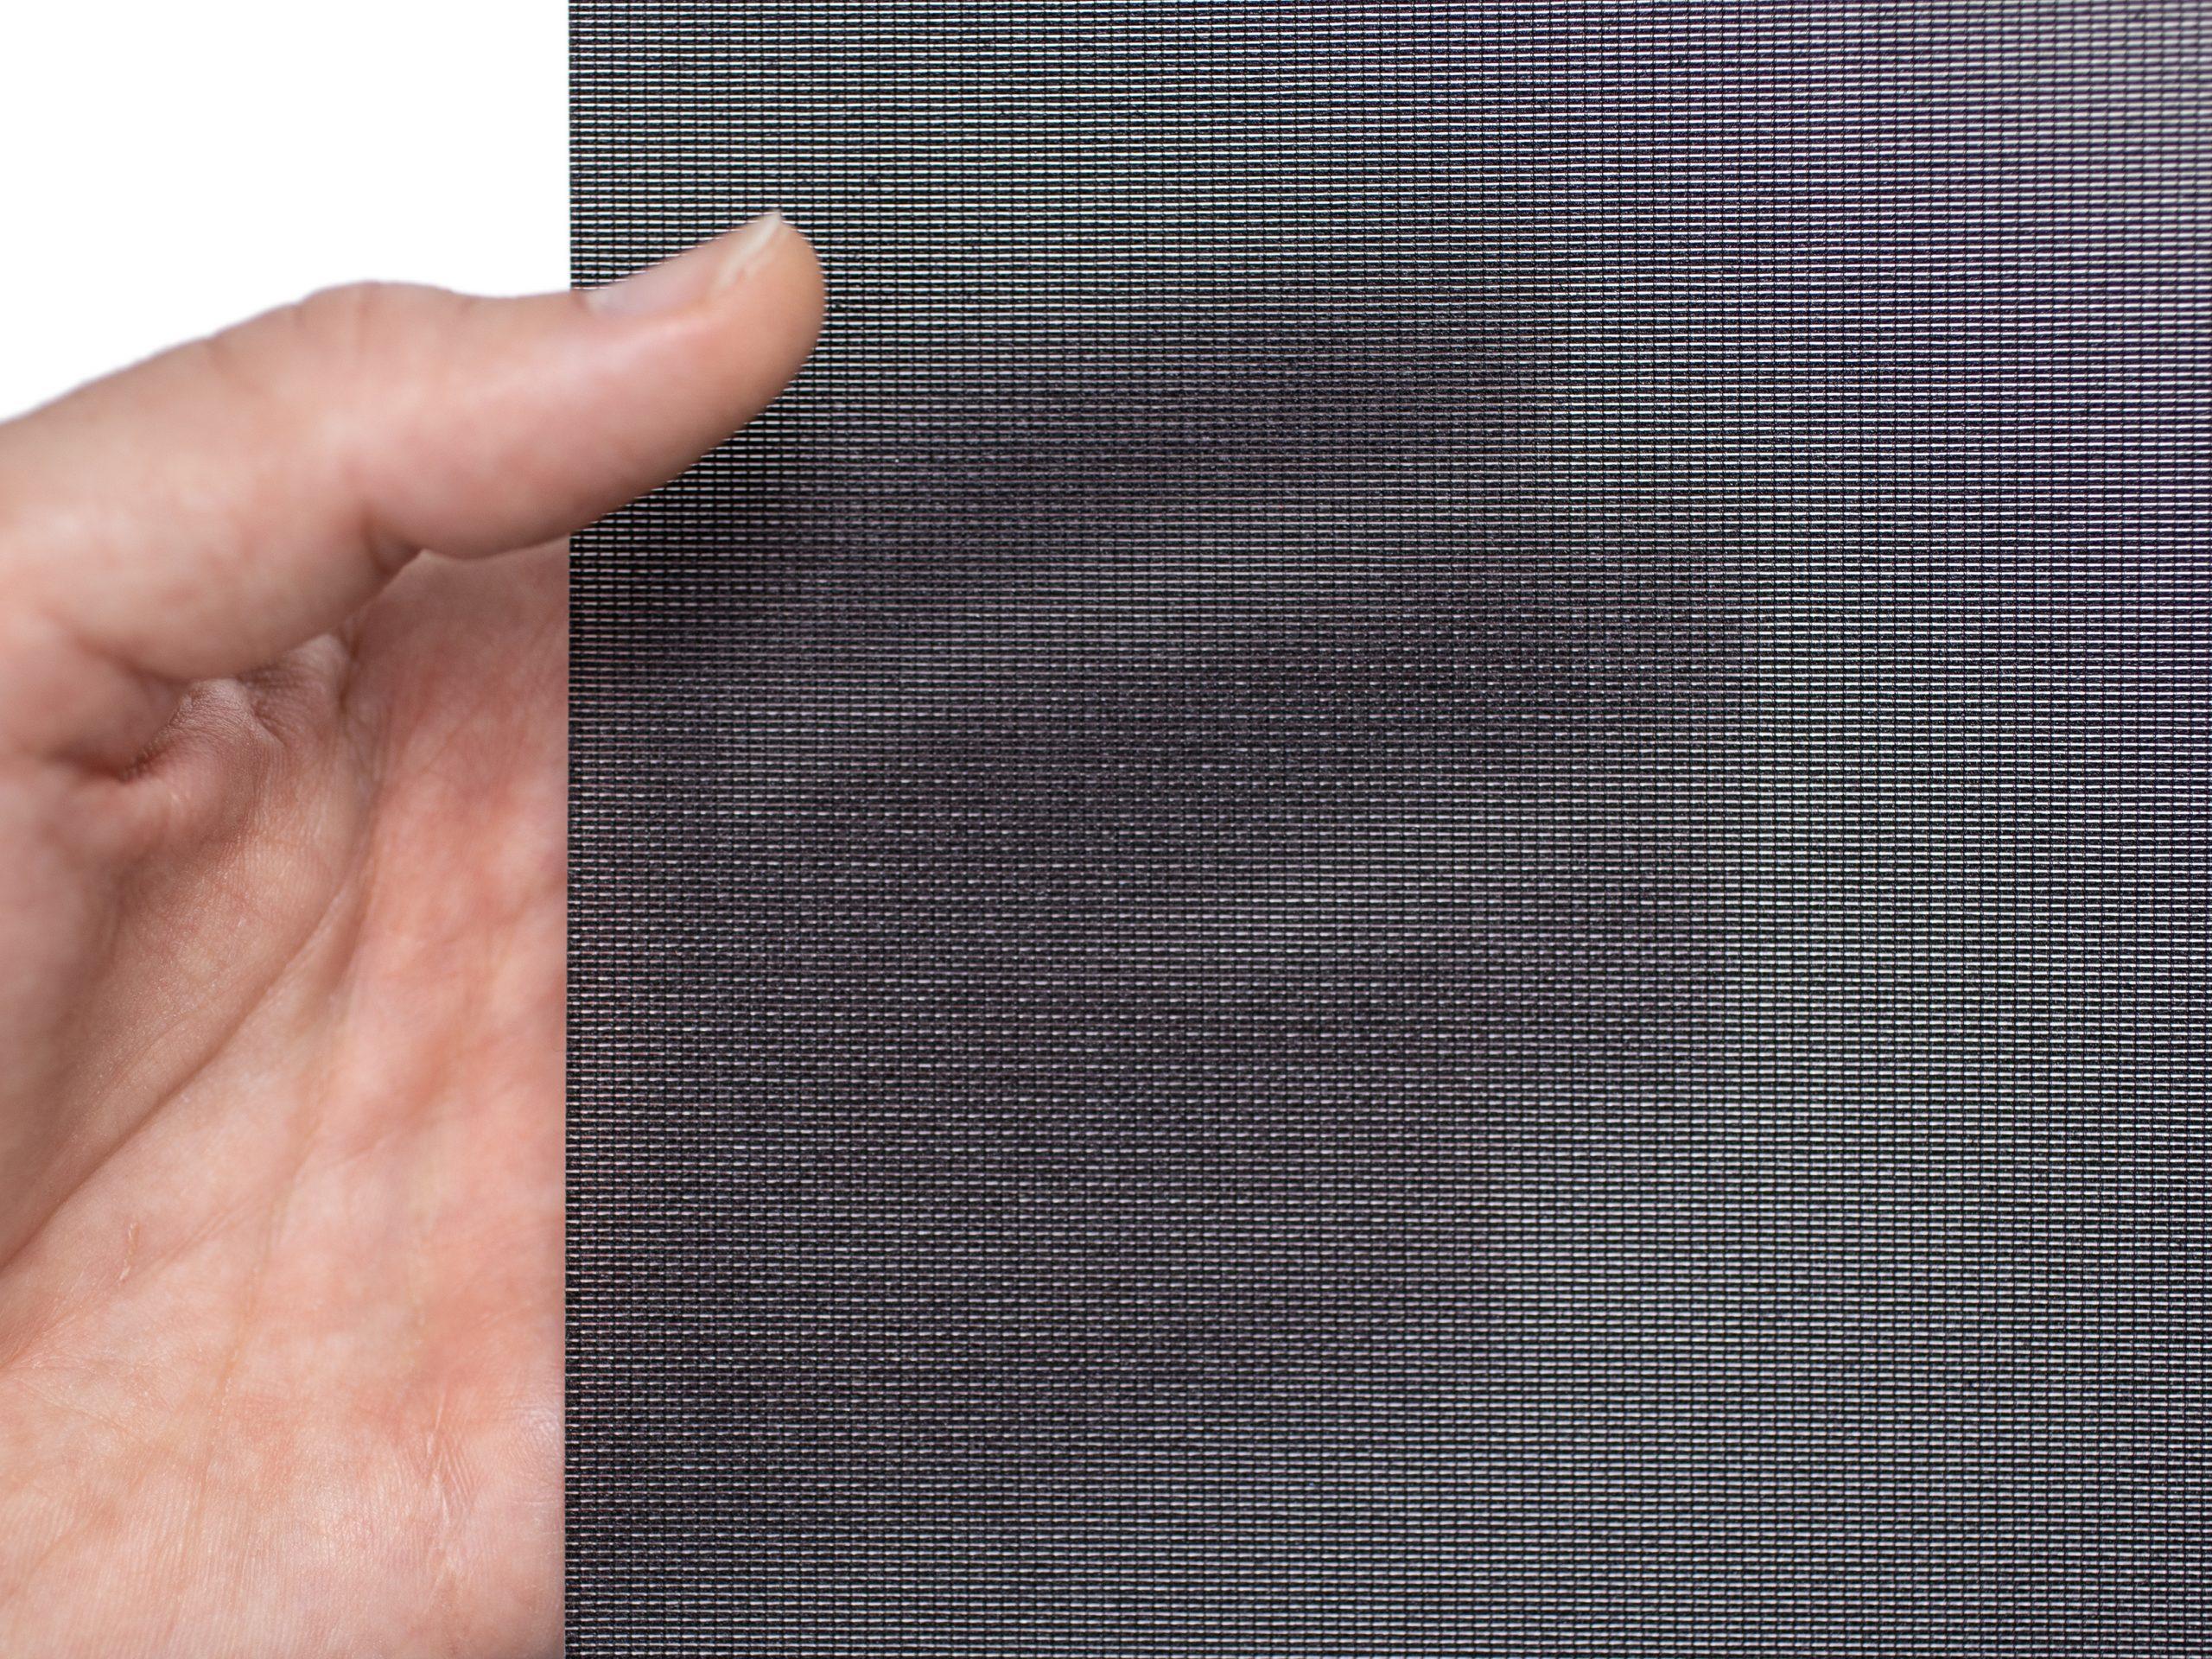 Selbstklebendes Decolux schwarz Textil gehalten von einer Hand